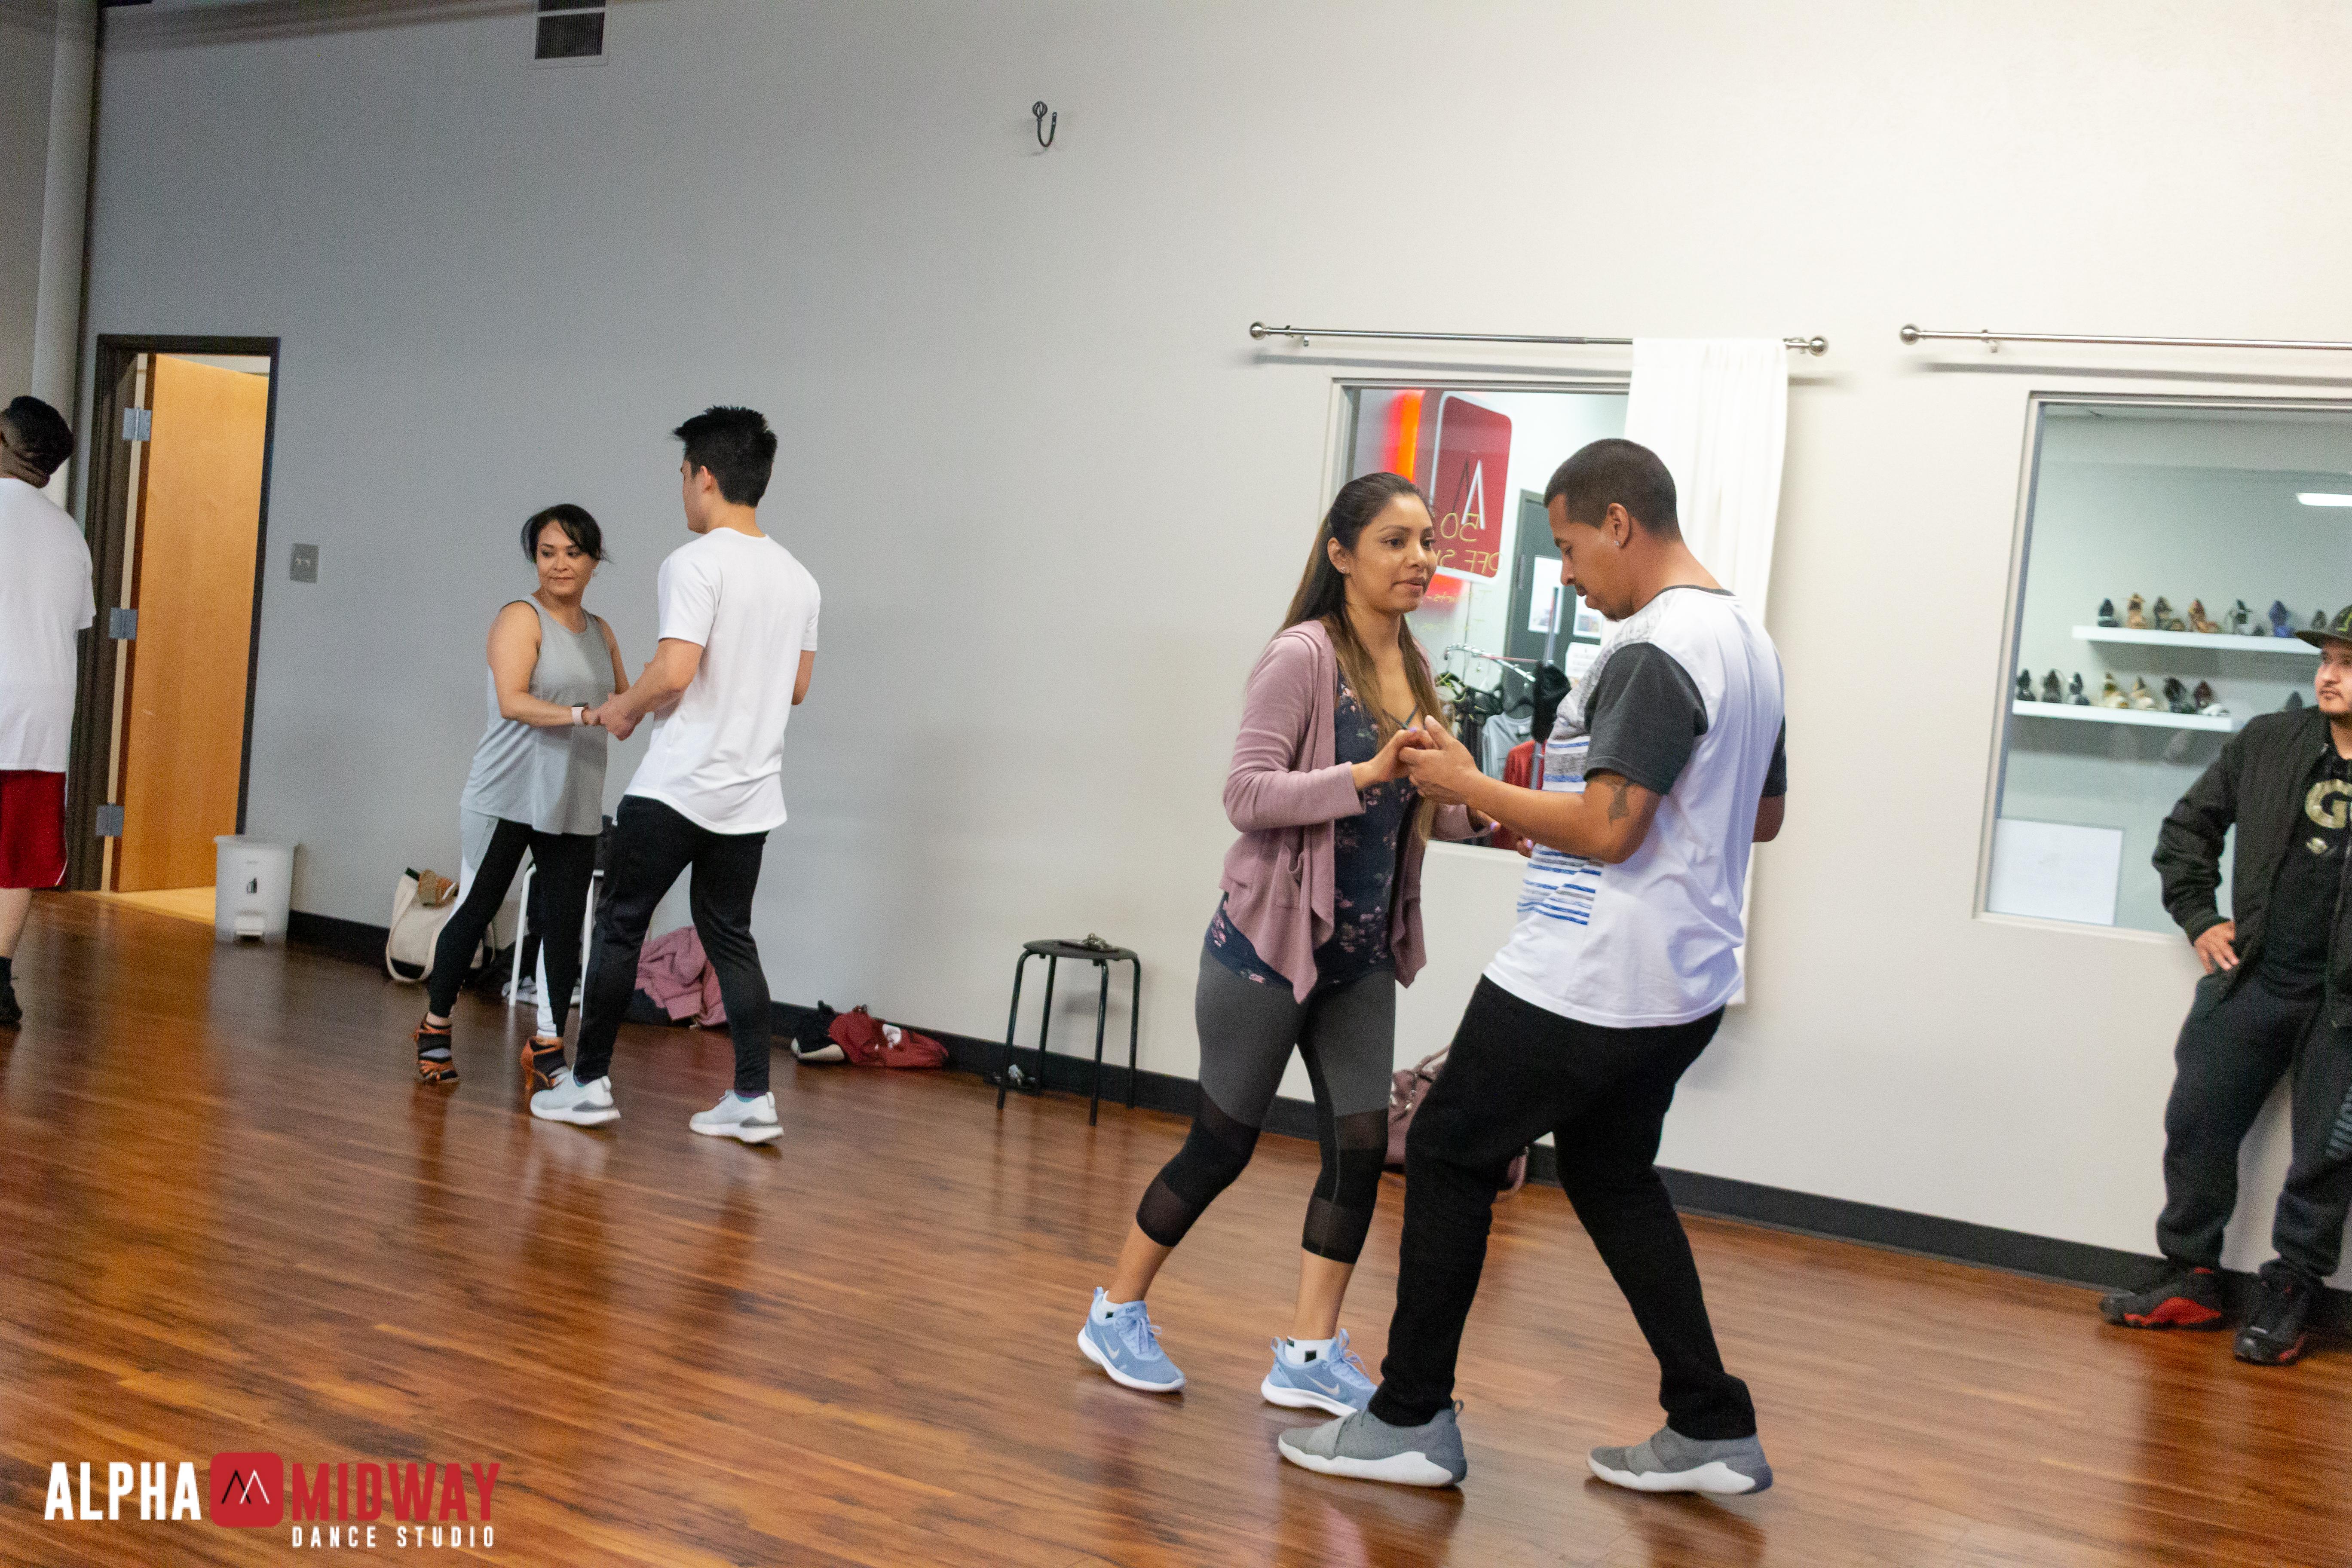 alpha-midway-dance-studio-arlington-salsa-and-bachata-22